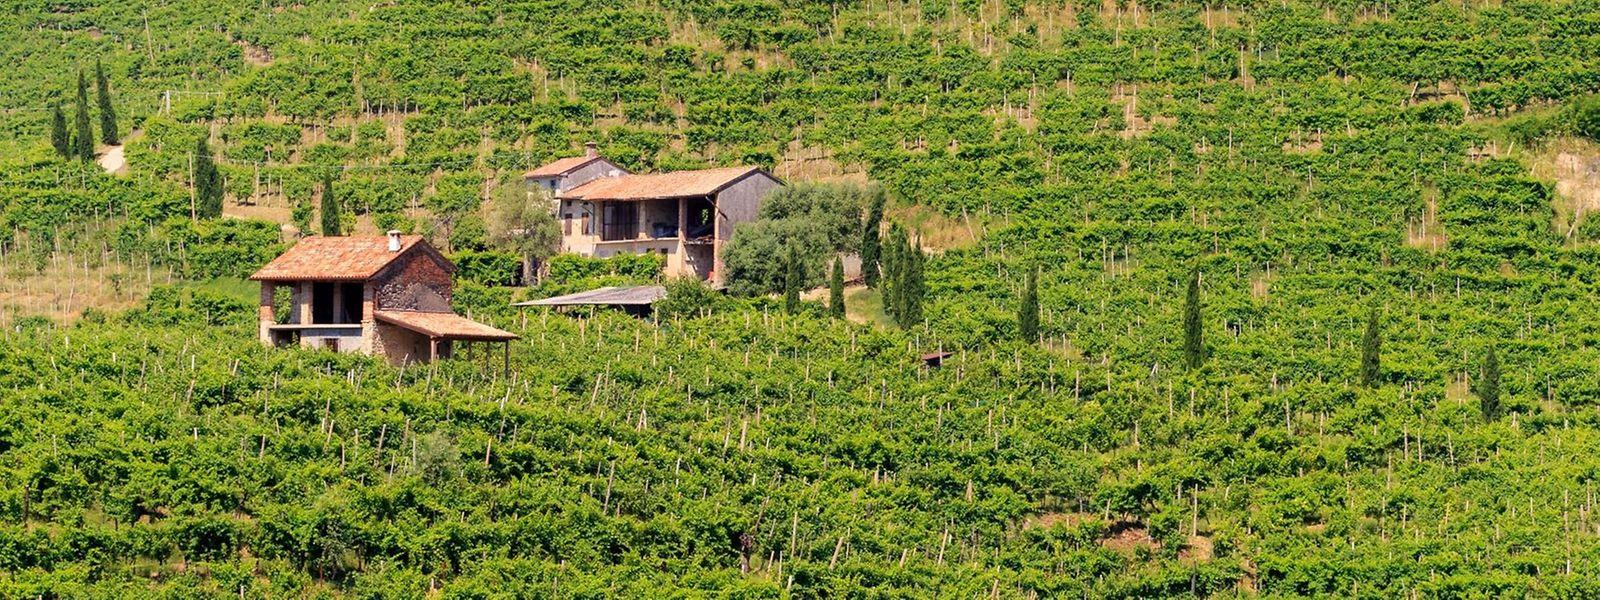 Echte Handarbeit: In den Hängen rund um Valdobbiadene ist keine maschinelle Weinlese möglich.